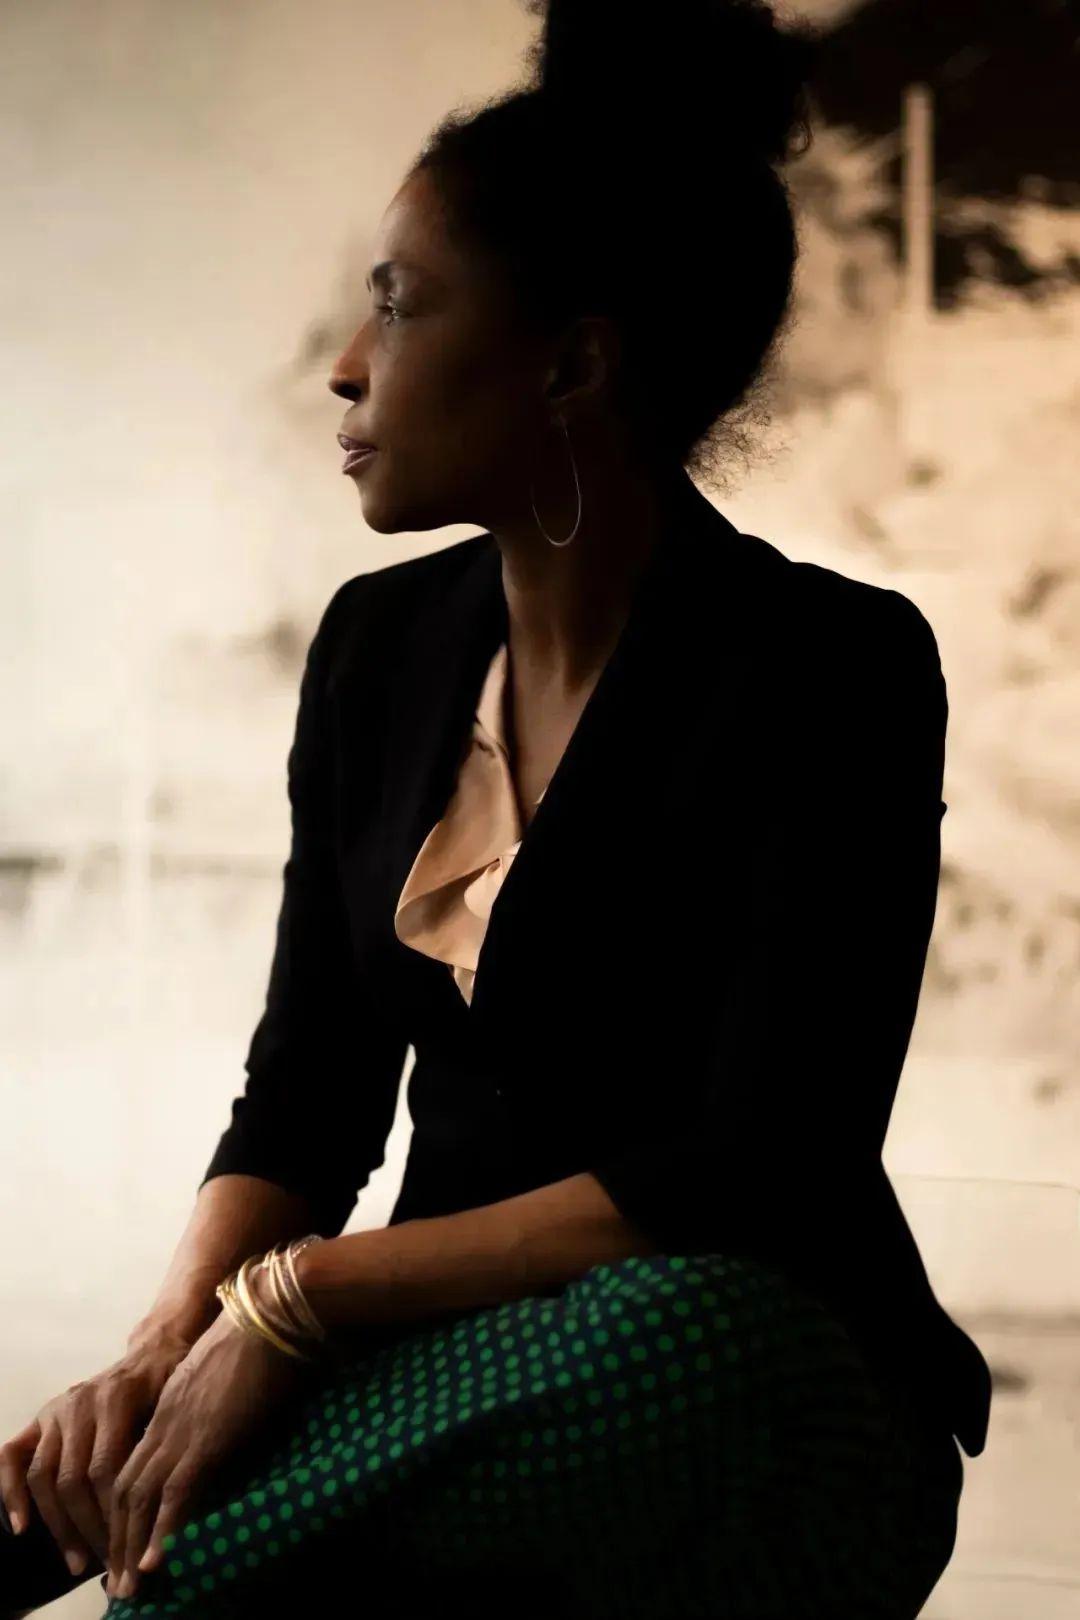 劳娜·辛普逊:首位进入威尼斯双年展的黑人艺术家